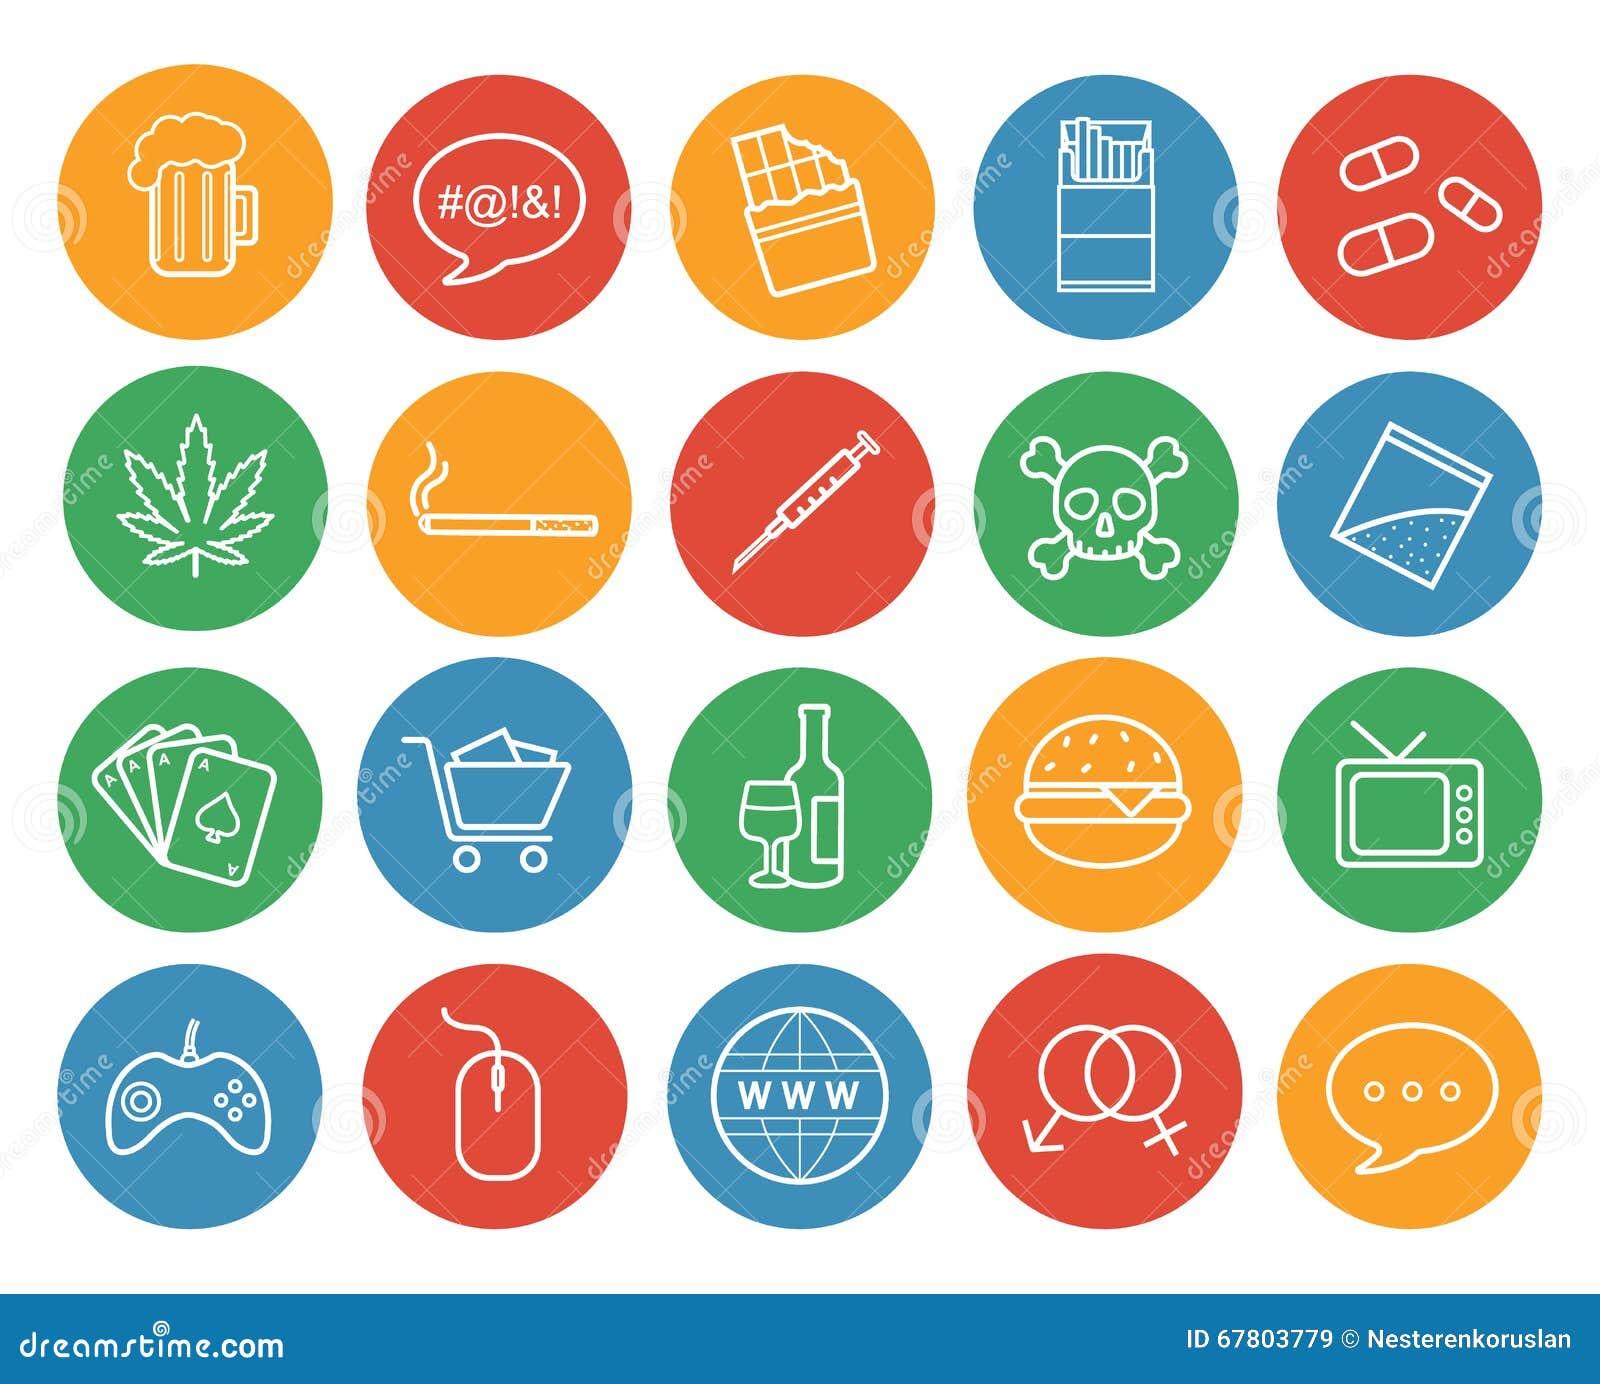 Uppsättning för symboler för oskickfärg linjär